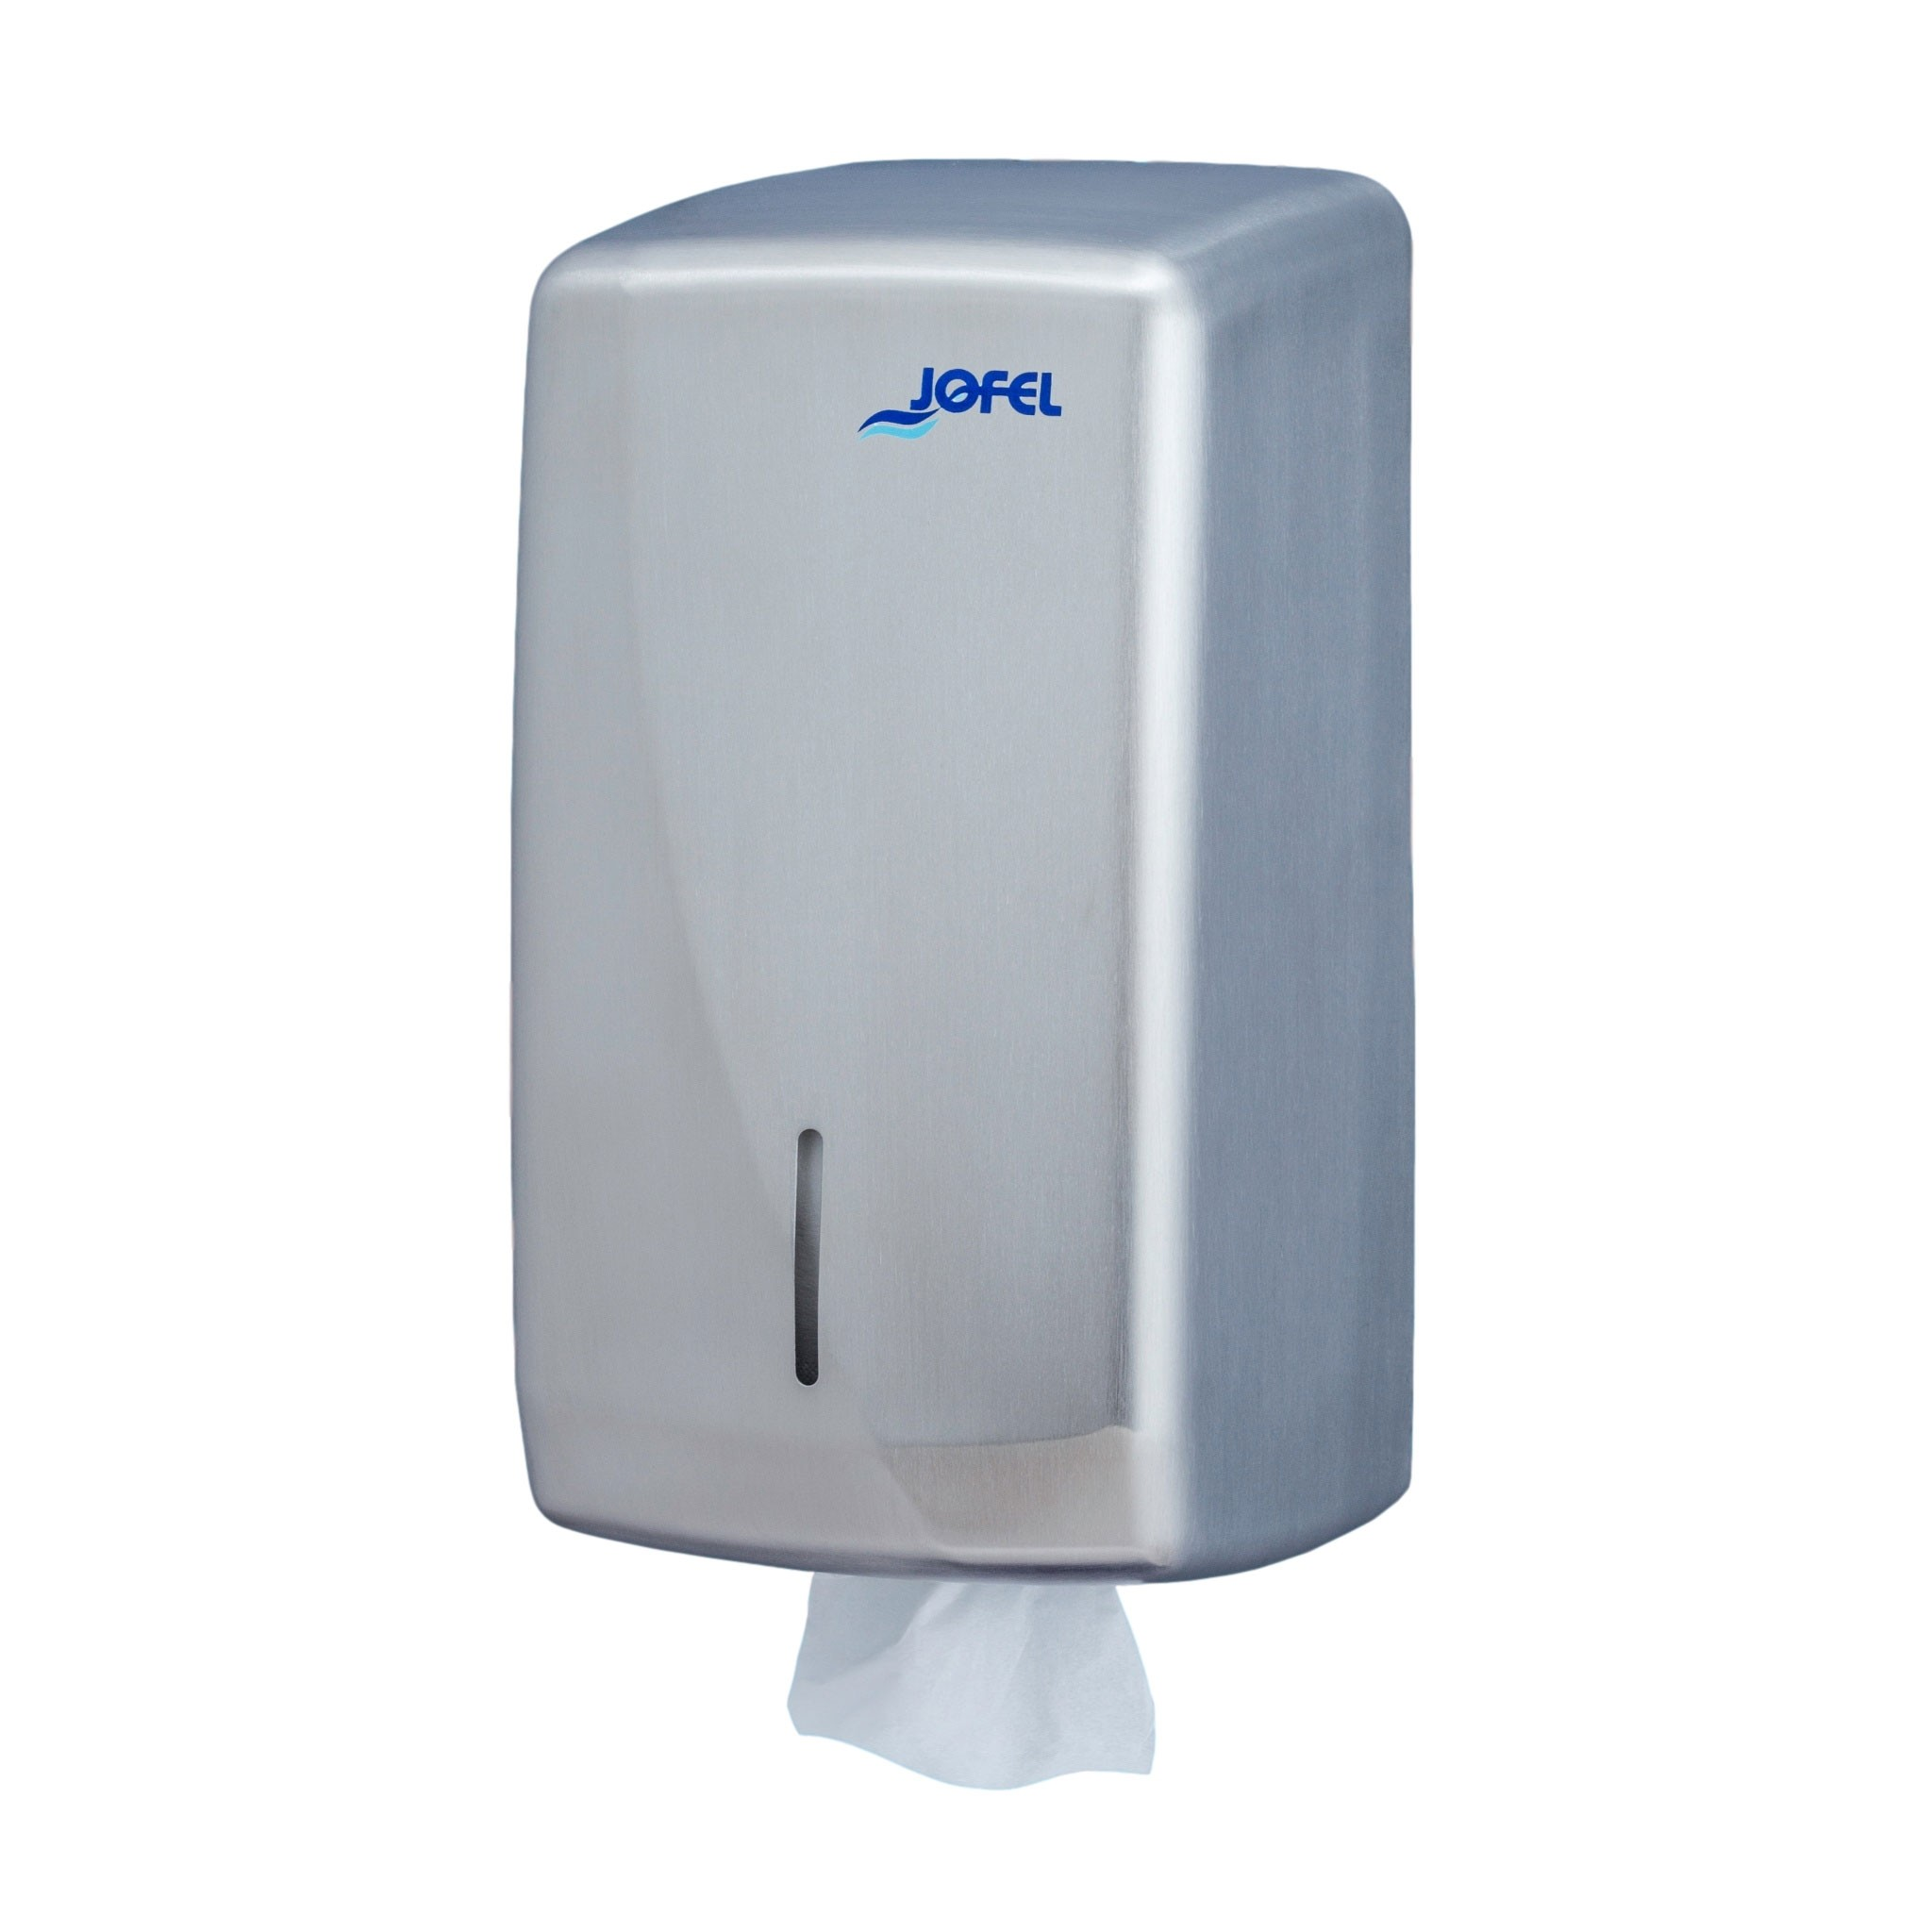 Μεταλλική θήκη για χαρτί υγείας φύλλο φύλλο Jofel Futura Satin inox AH75000